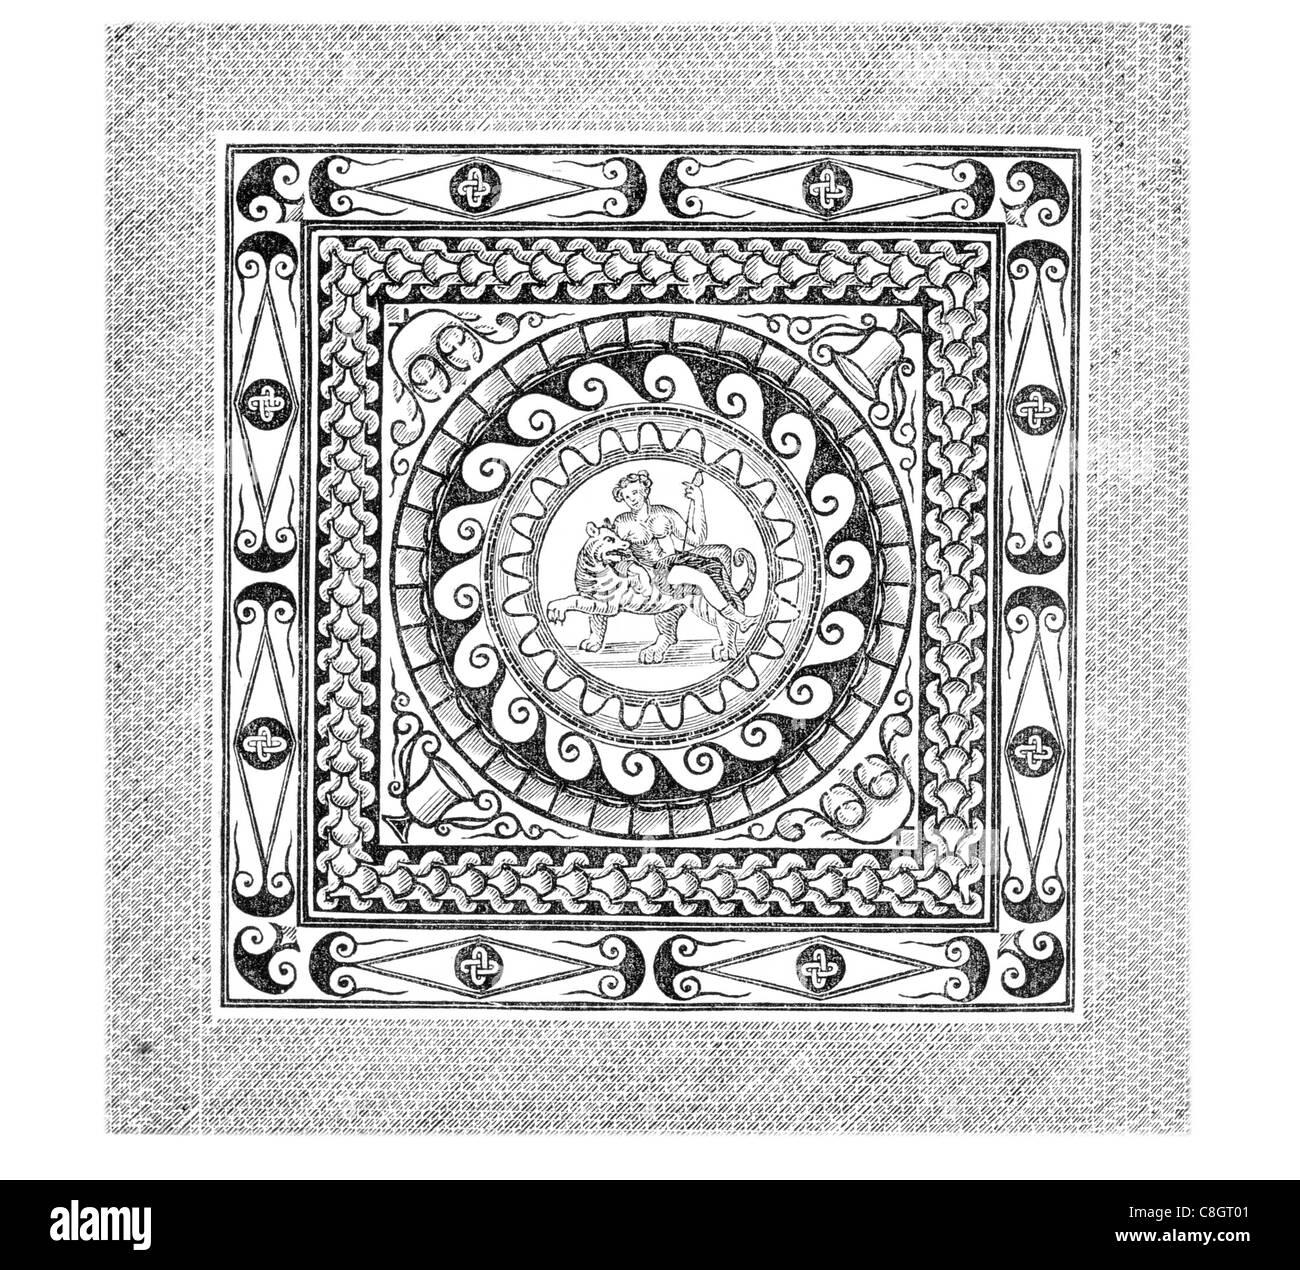 Ungewöhnlich Römische Mosaikschablonen Zeitgenössisch - Beispiel ...